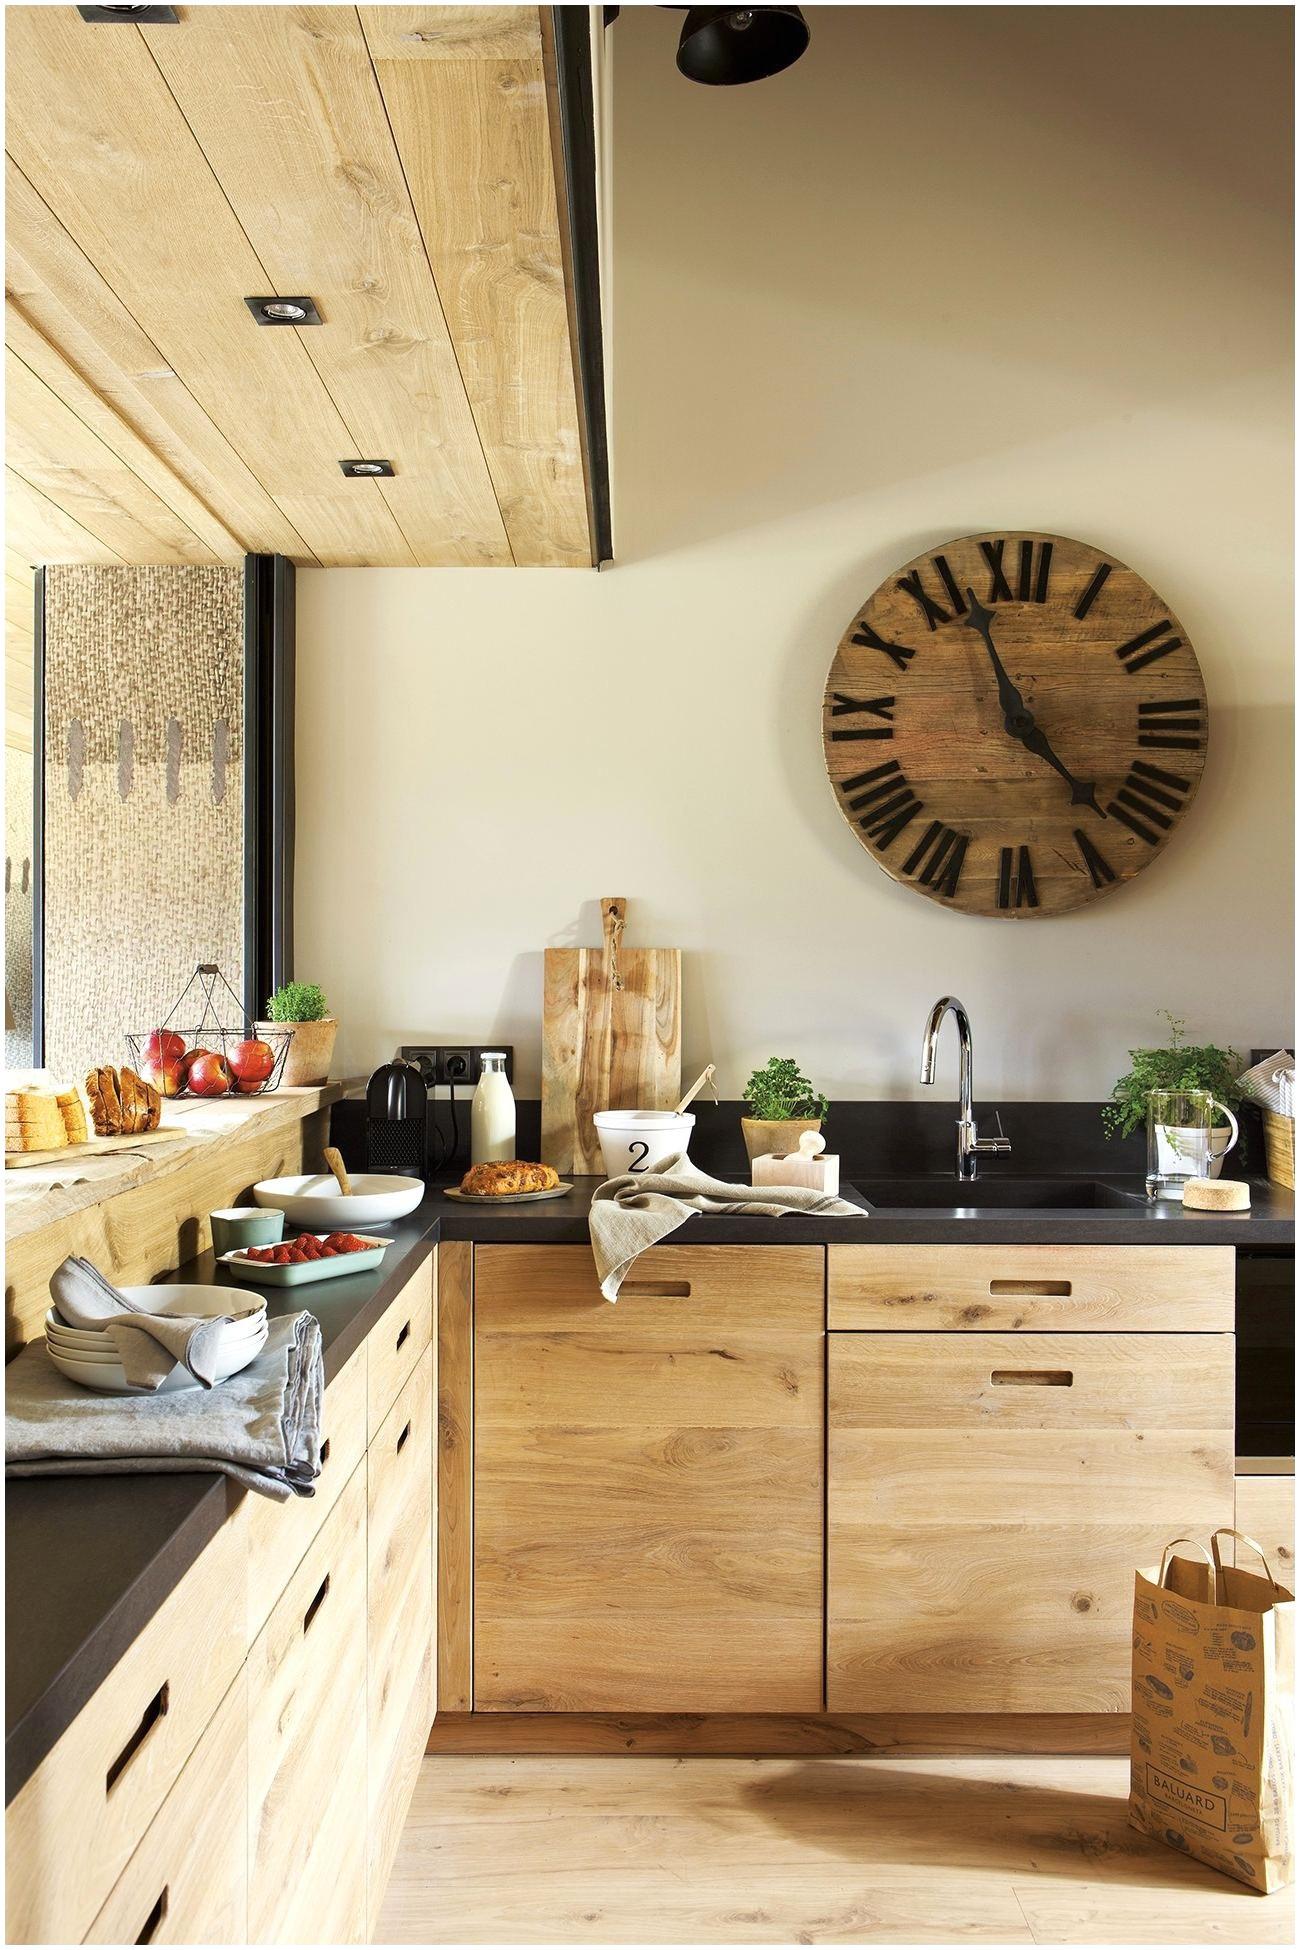 suelos para cocinas blancas hacia cautivador 25 impresionante muebles de cocina blancos ideas para decorar tu casa estilo para suelos para cocinas blancas jpg